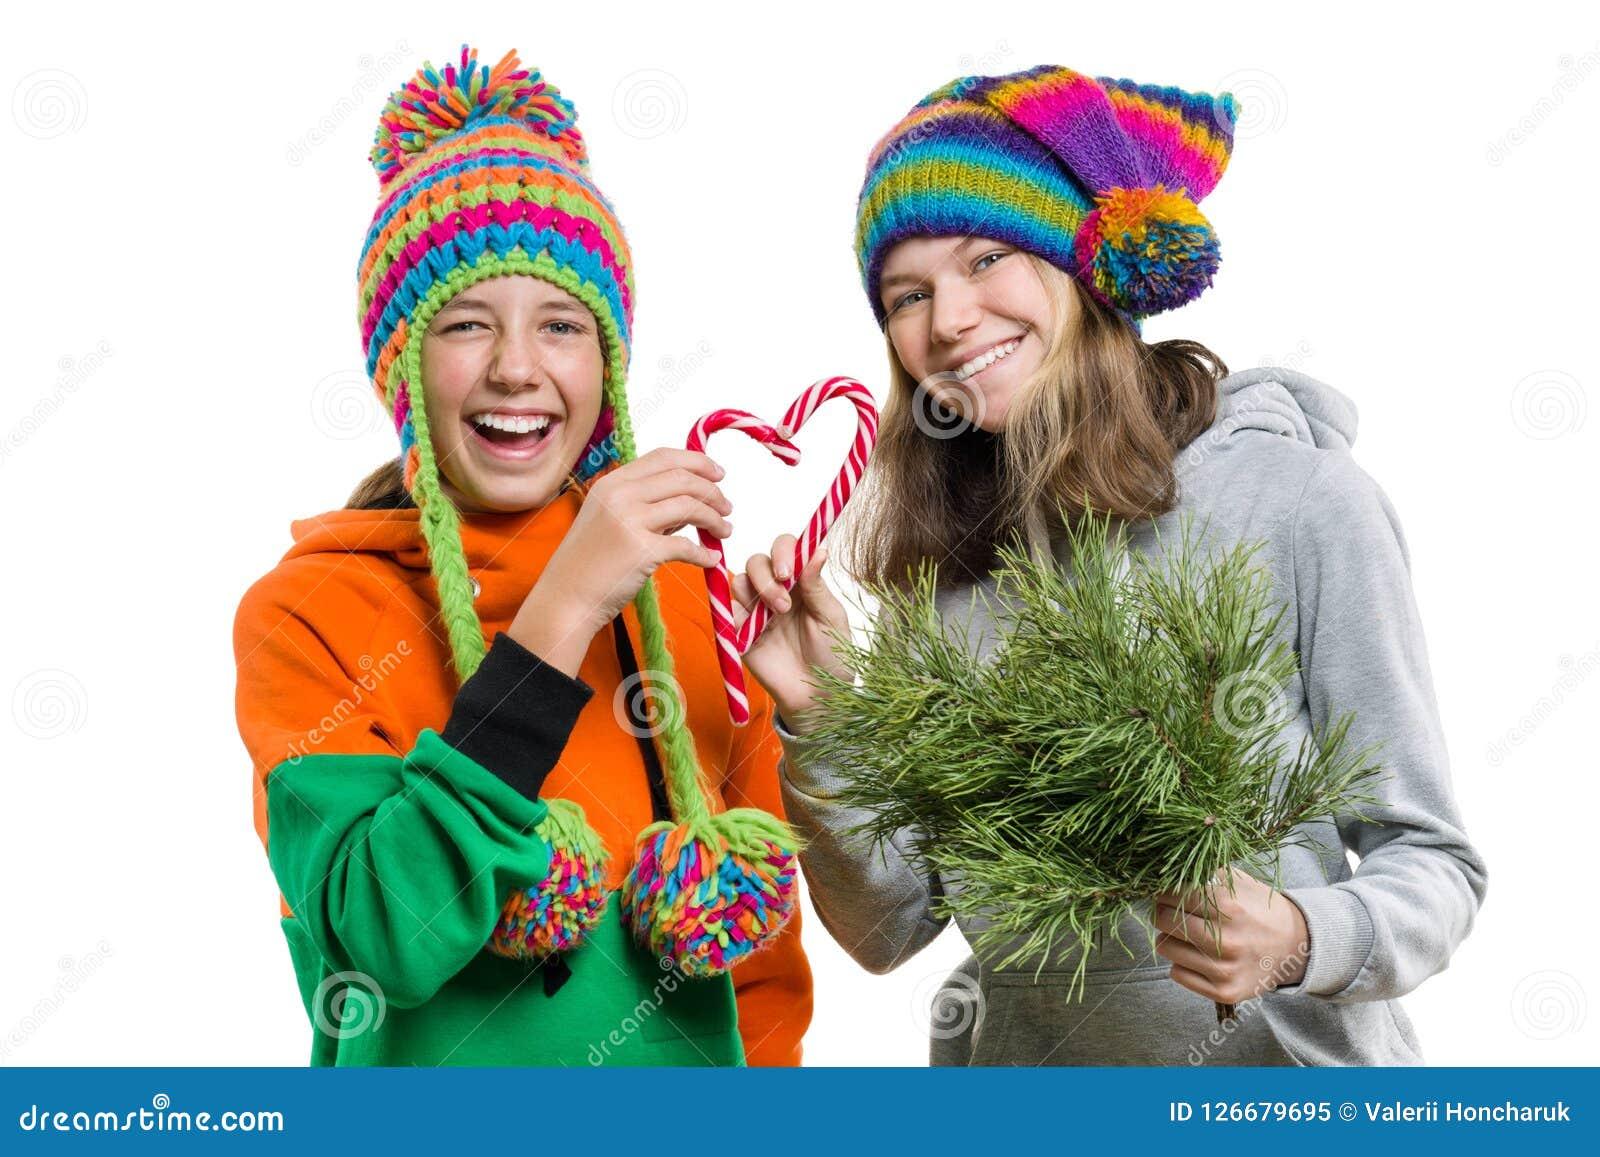 年轻快乐的十几岁的女孩获得与圣诞节棒棒糖的乐趣,在冬天编织了盖帽,隔绝在白色背景